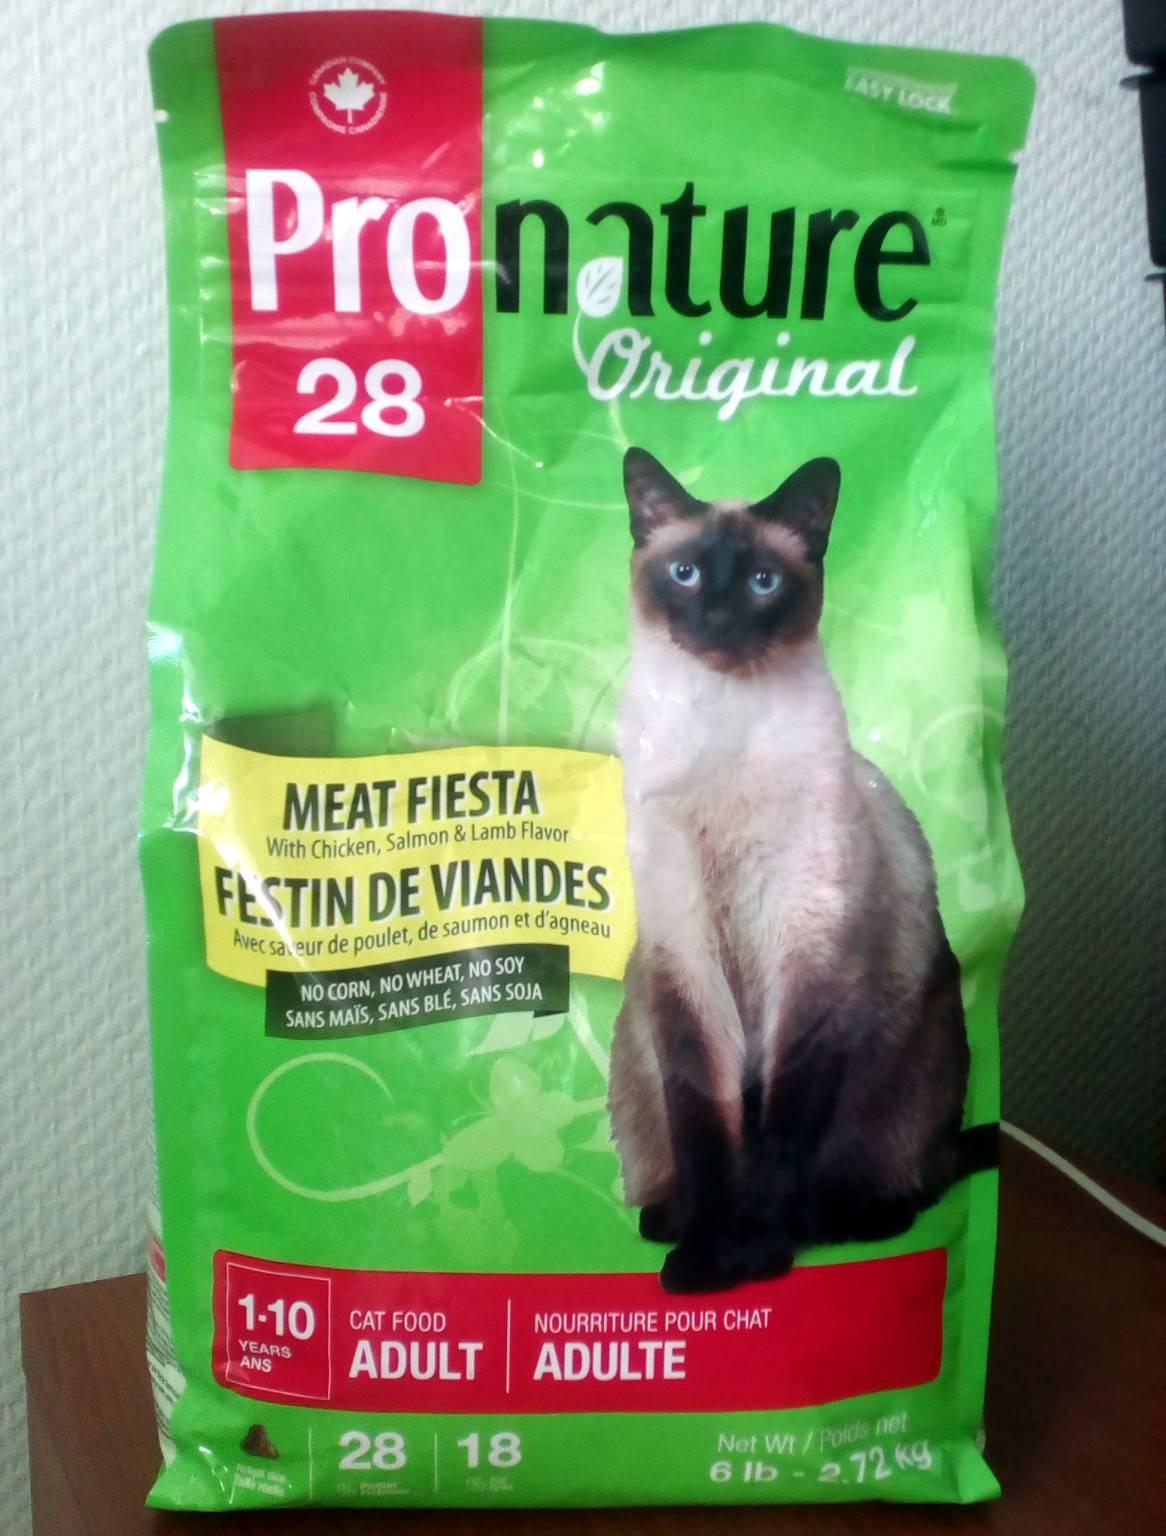 Корм для кошек pronature life: отзывы и разбор состава